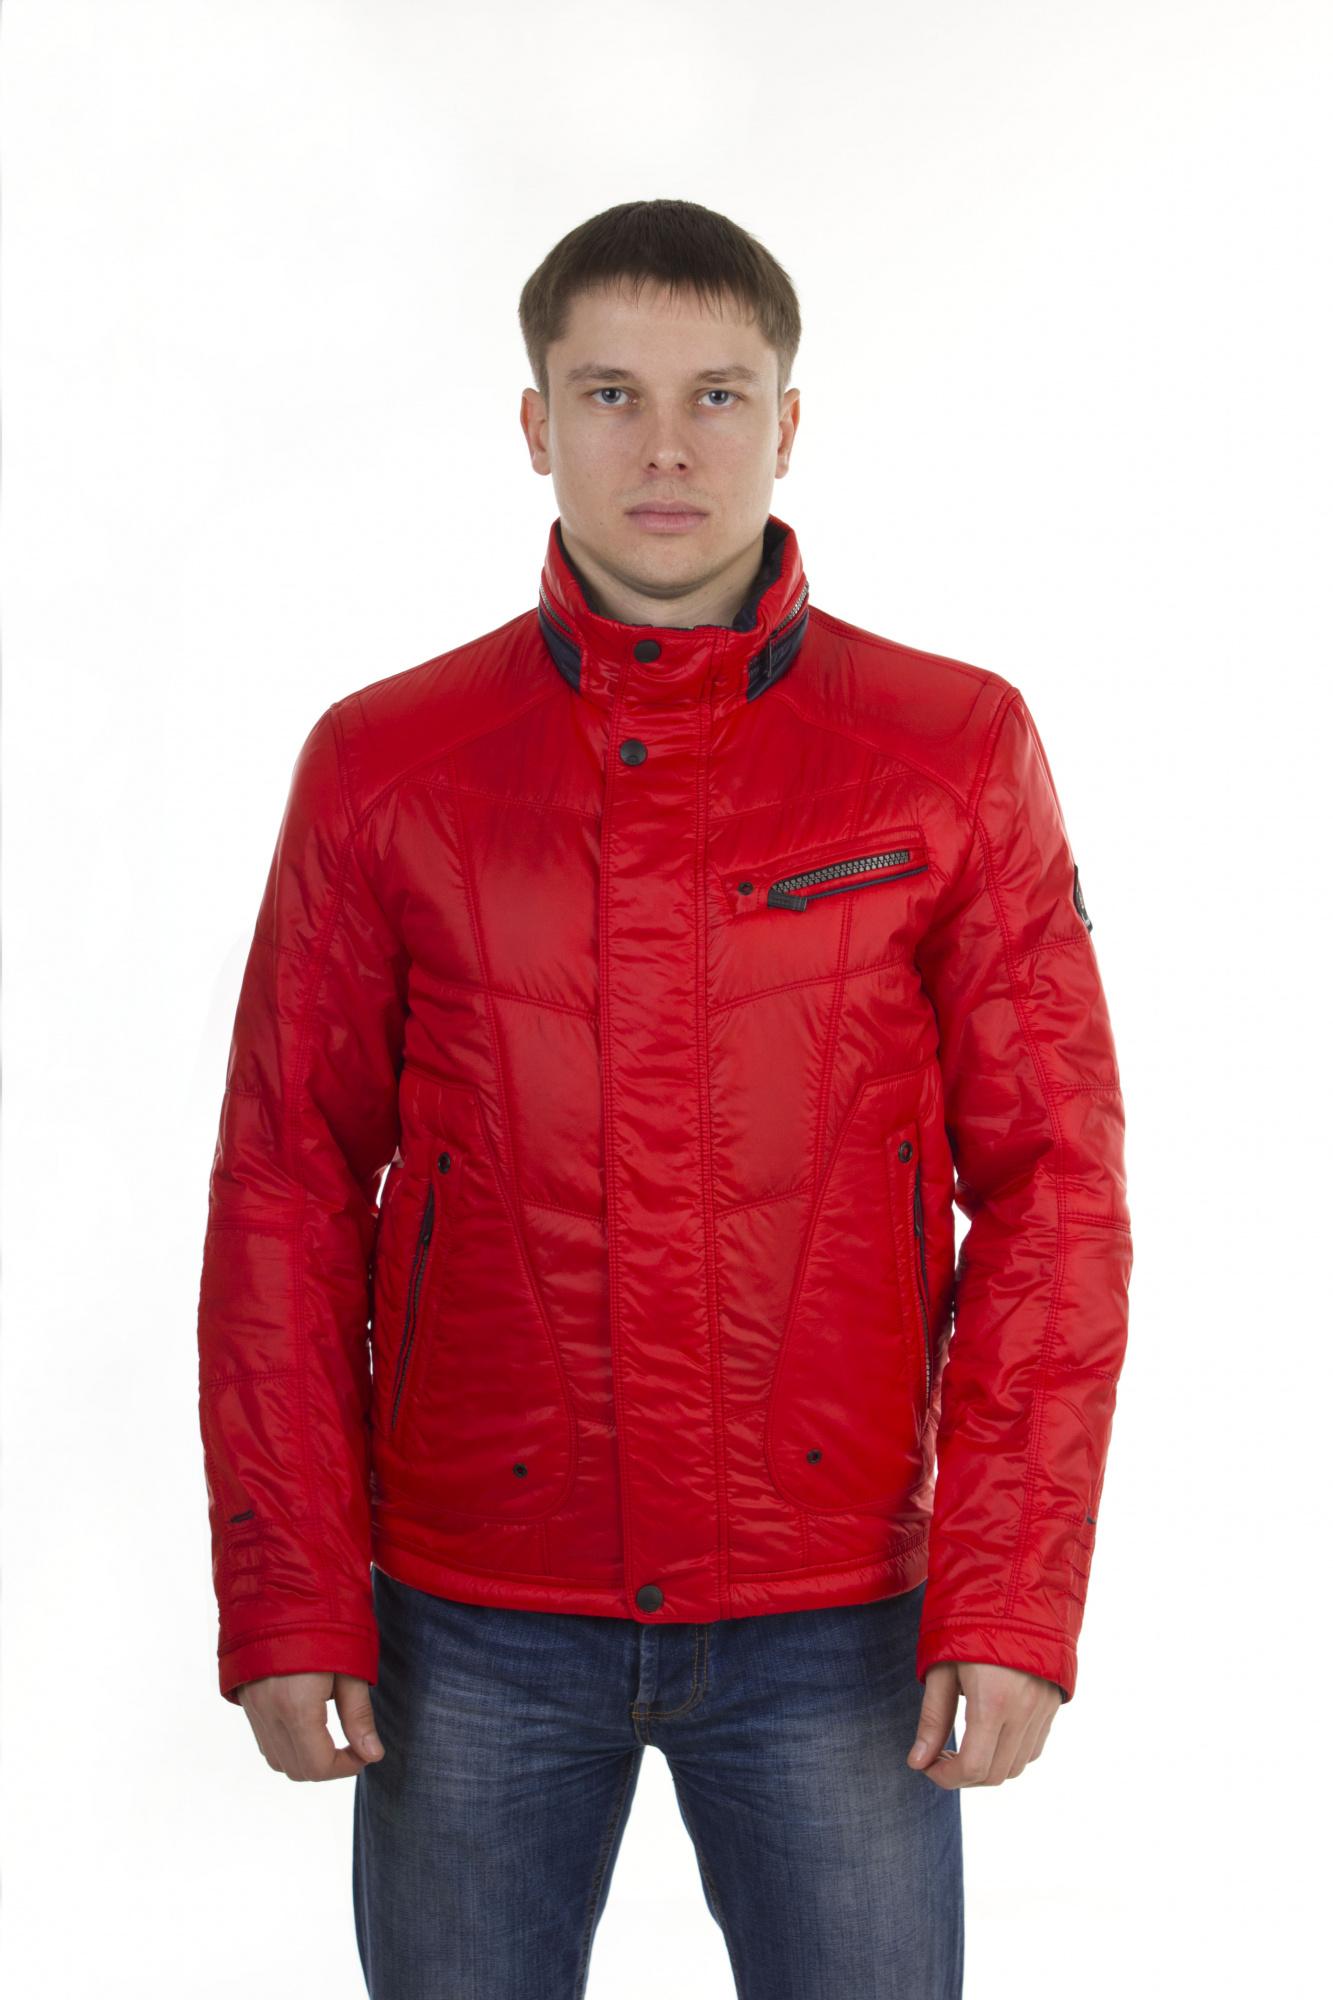 Евгений куртки омск каталог что есть в наличии цены